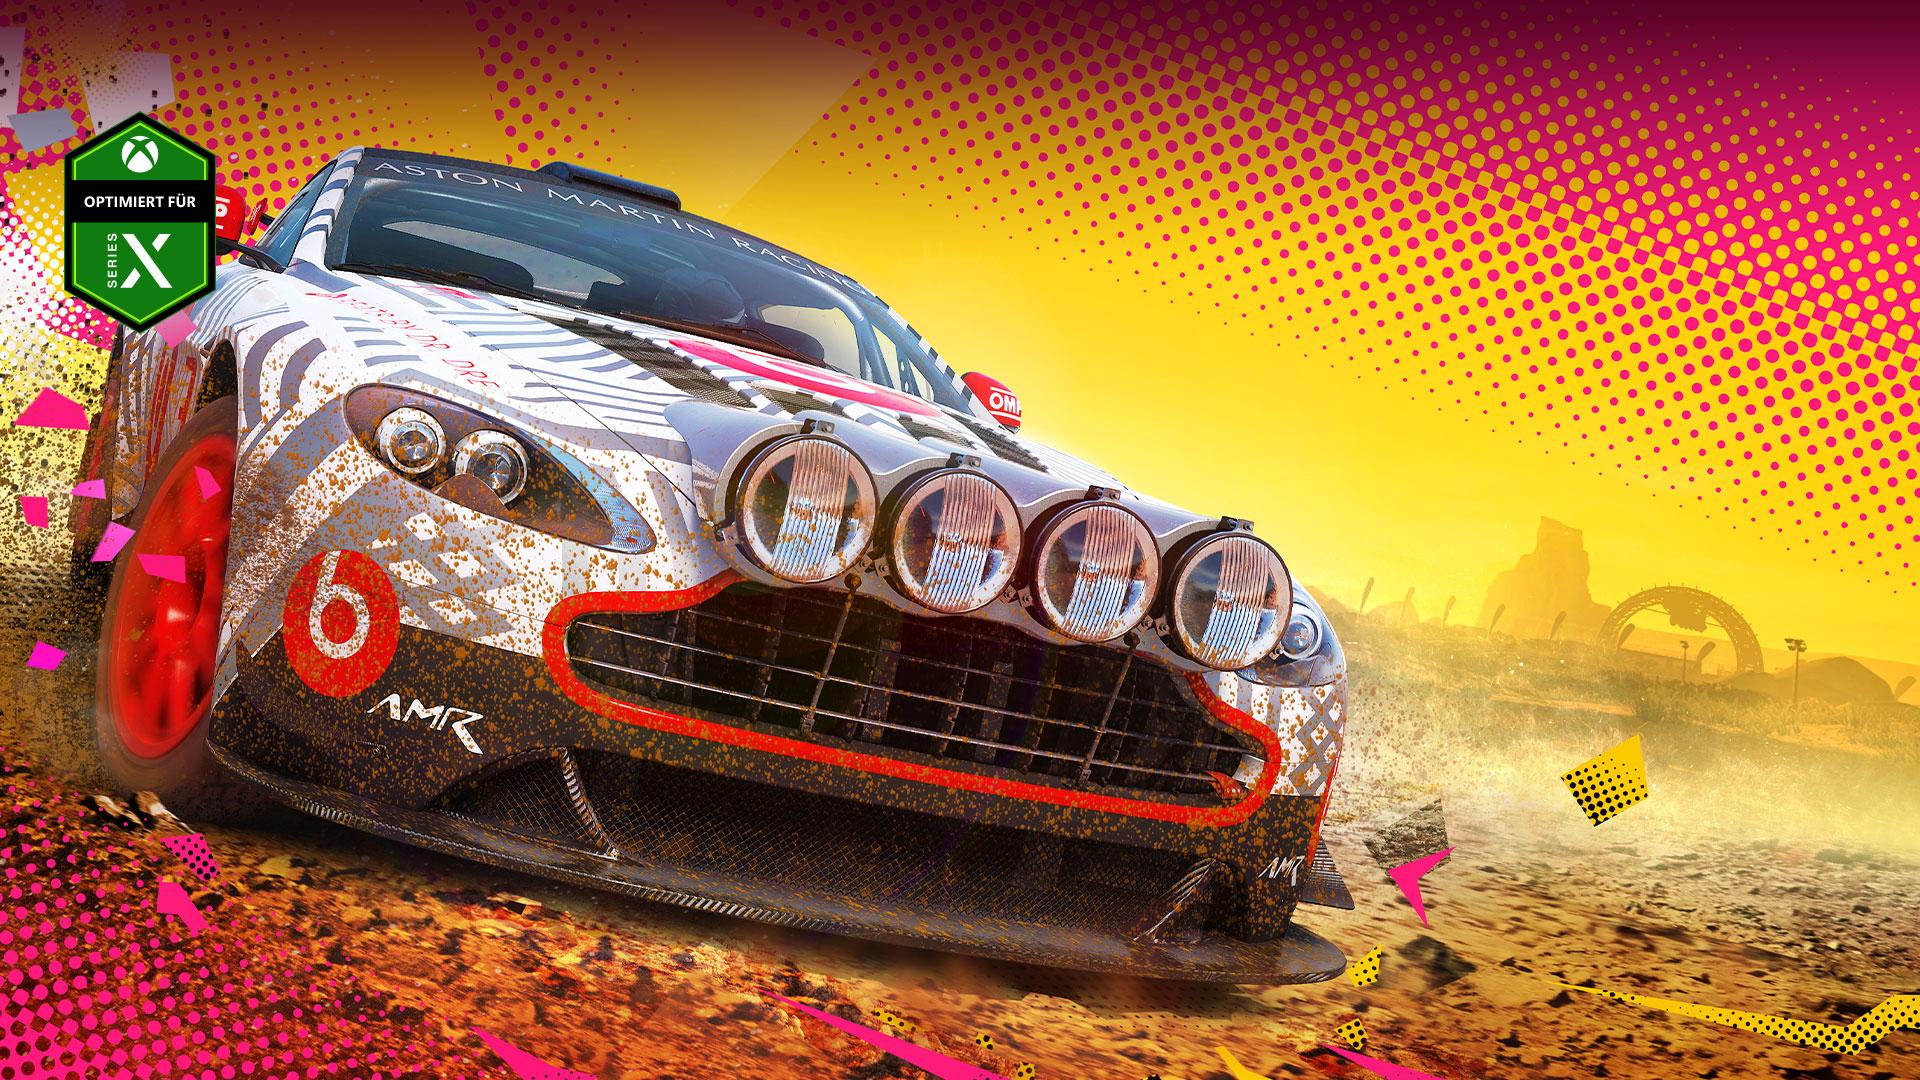 Optimiert für Series X-Logo, Auto im Schlamm mit gelbem und rosa Hintergrund